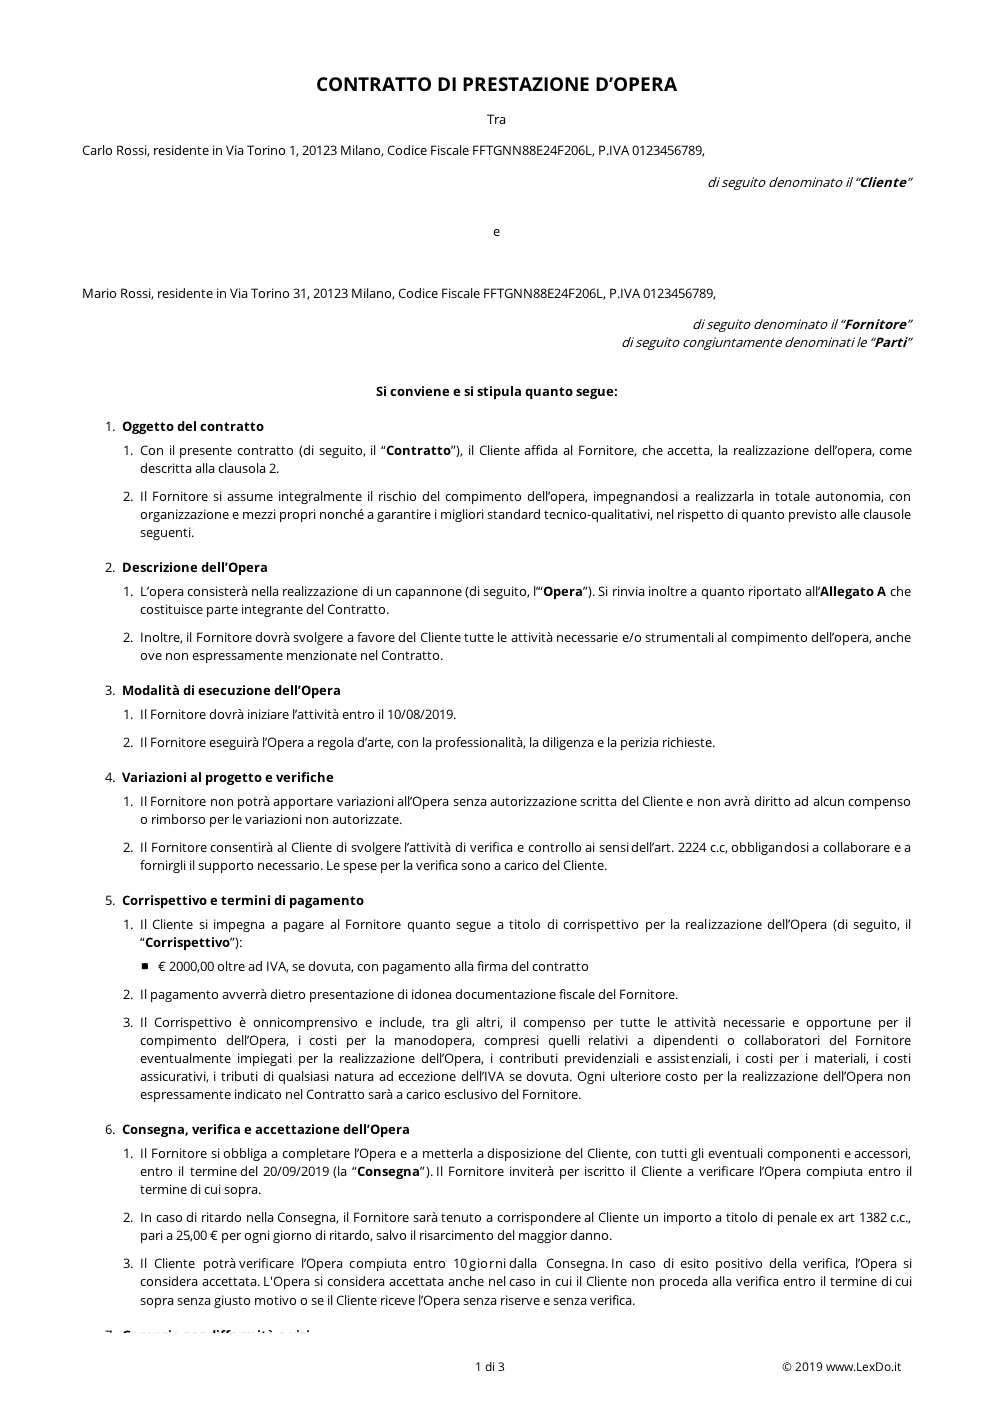 Contratto di Realizzazione d'Opera modello